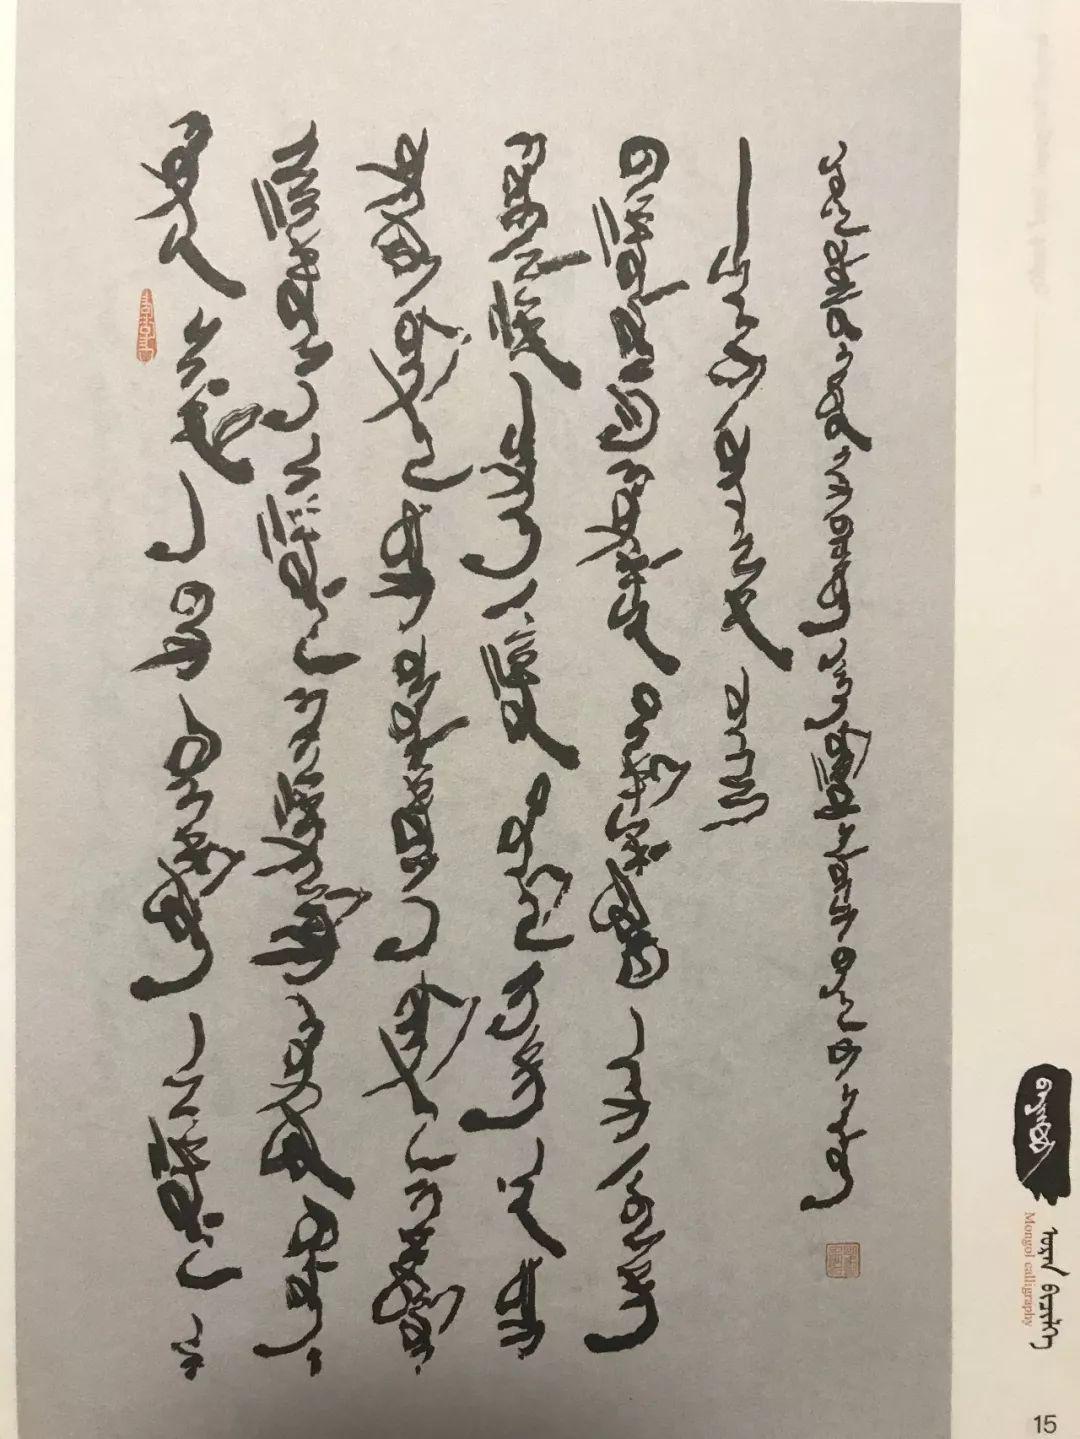 《蒙古文经典书法》在美丽呼伦贝尔首发 第10张 《蒙古文经典书法》在美丽呼伦贝尔首发 蒙古书法